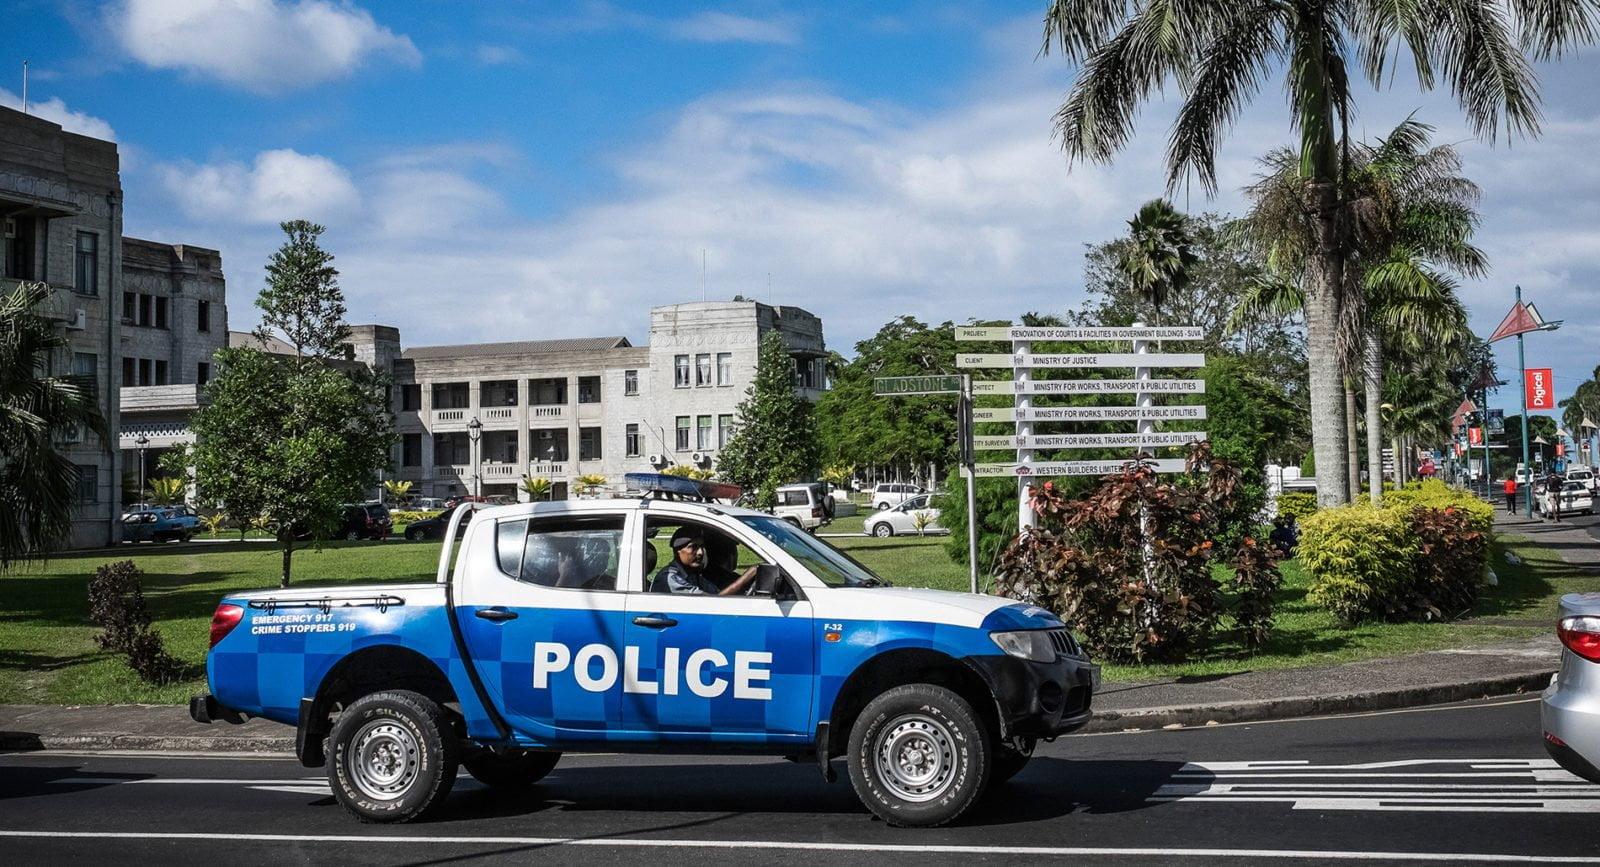 A Fijian police car in a busy street